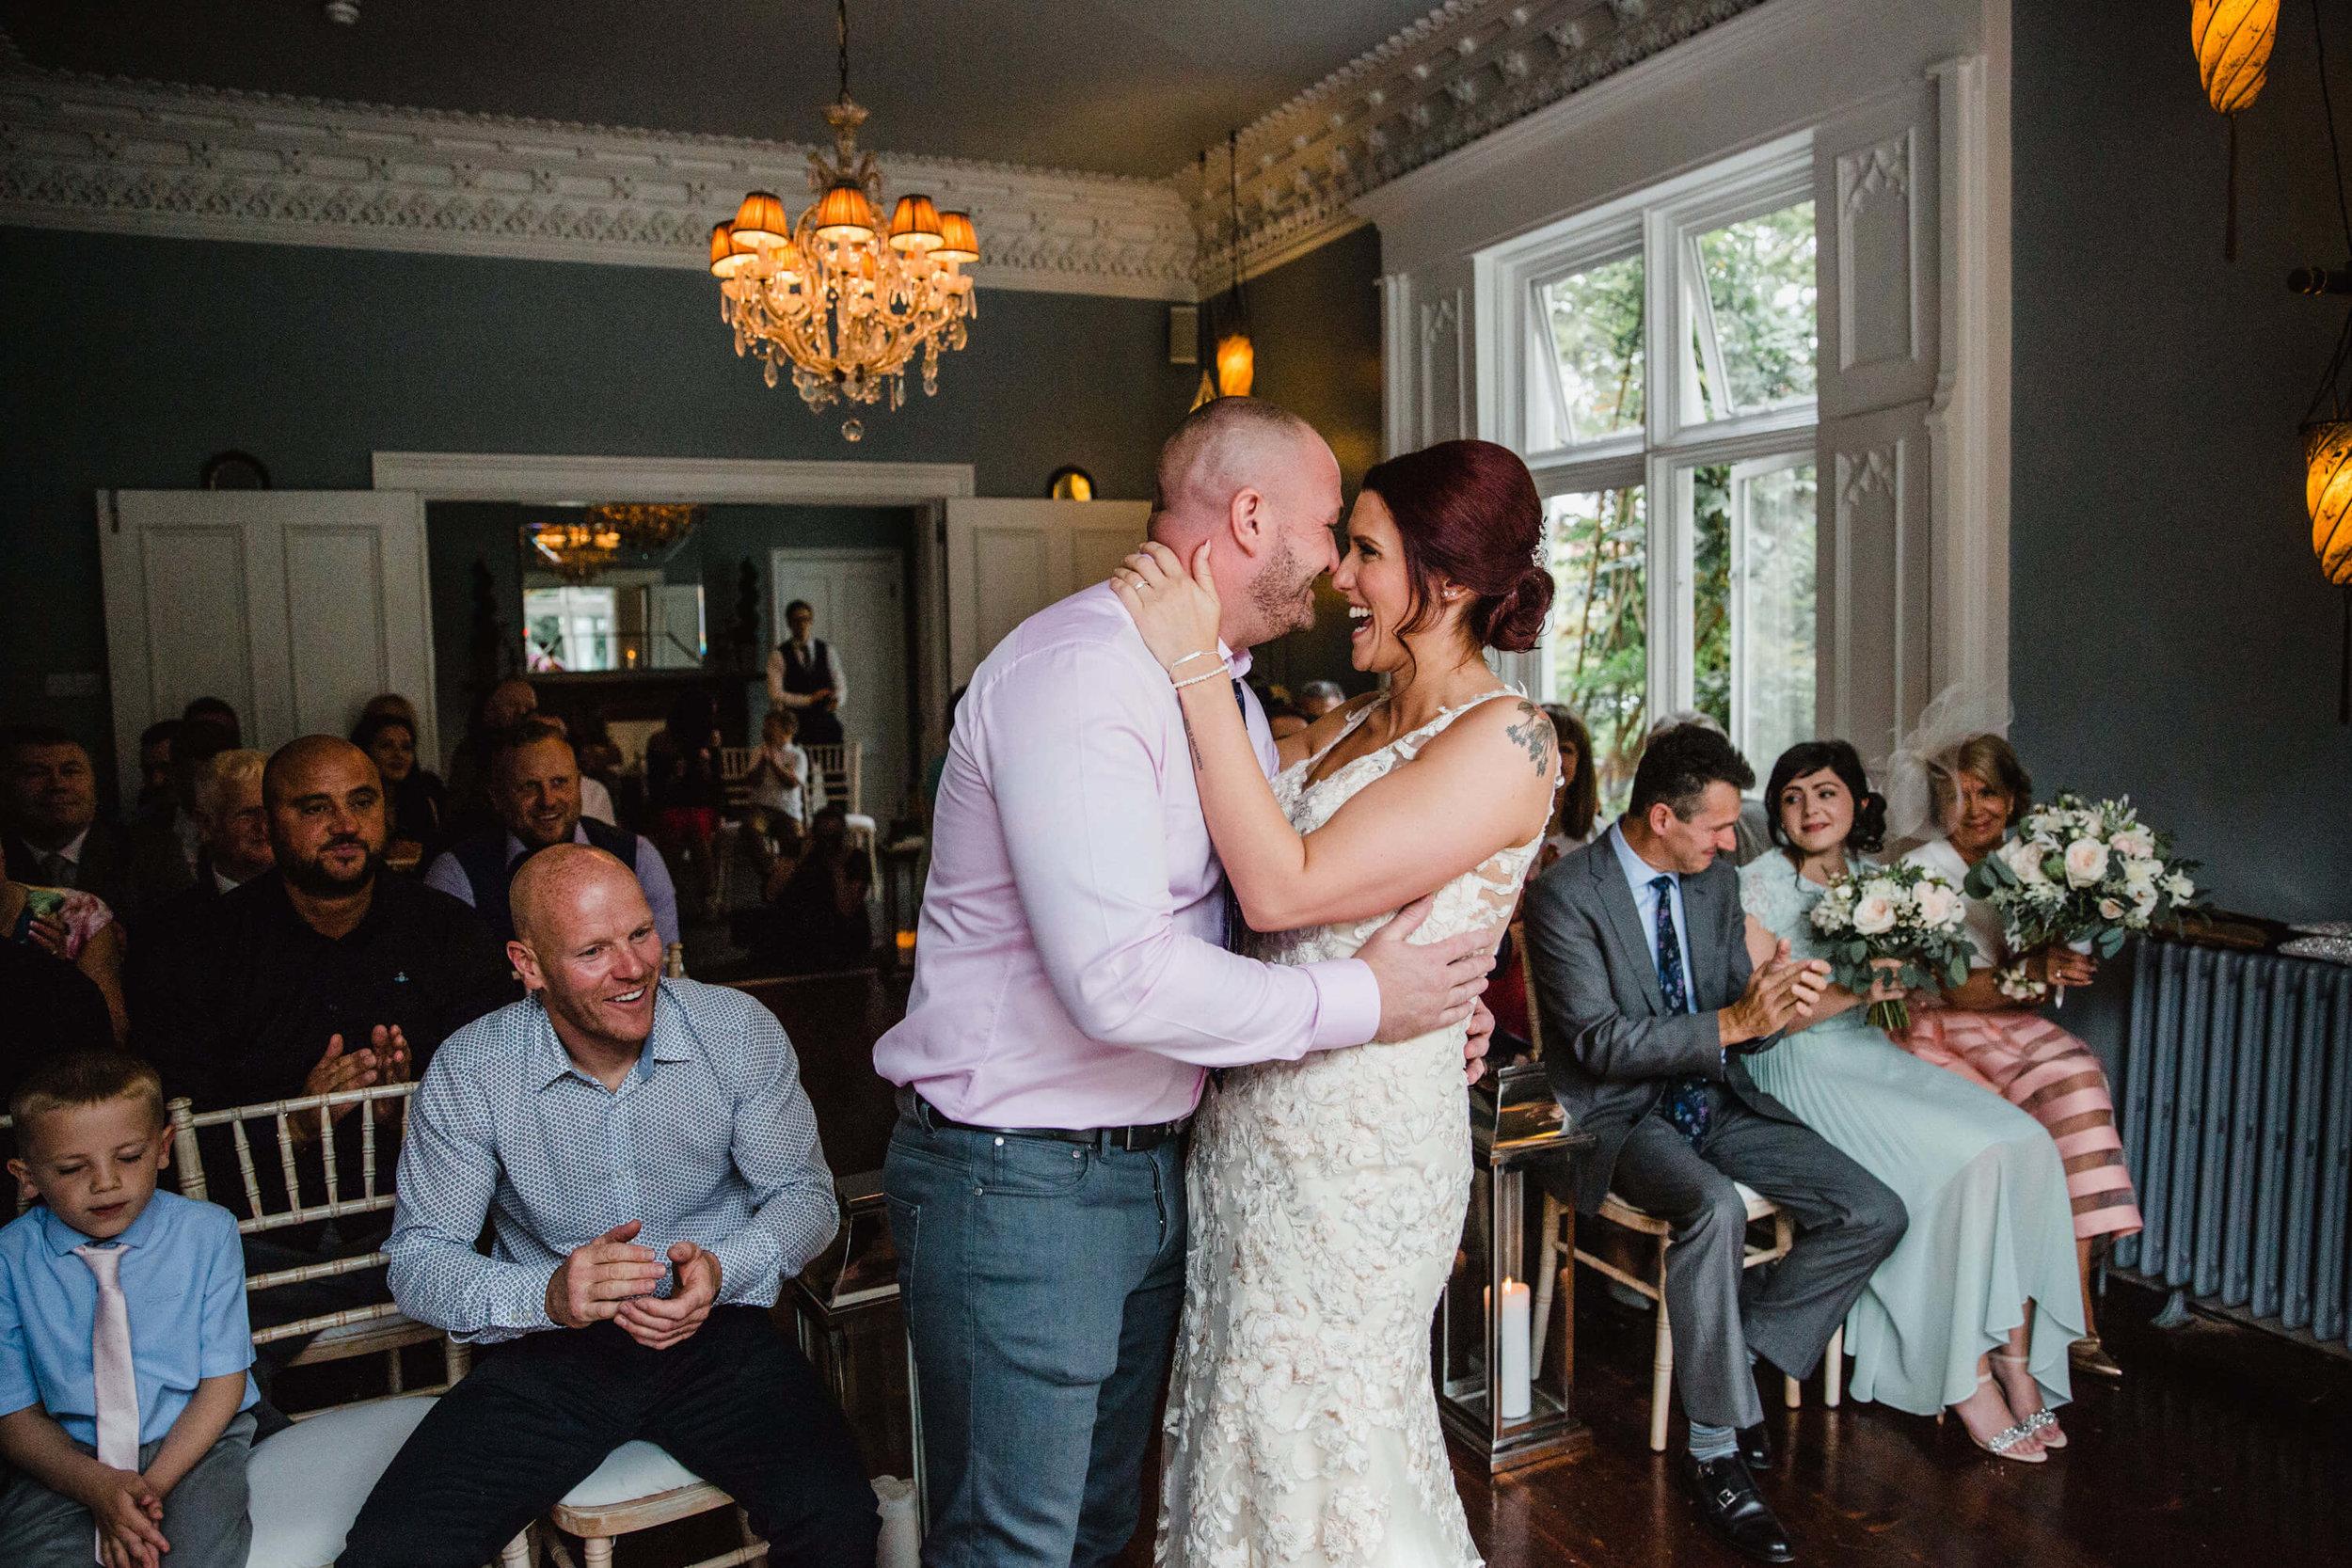 Manchester_Wedding_Photographer_017.jpeg